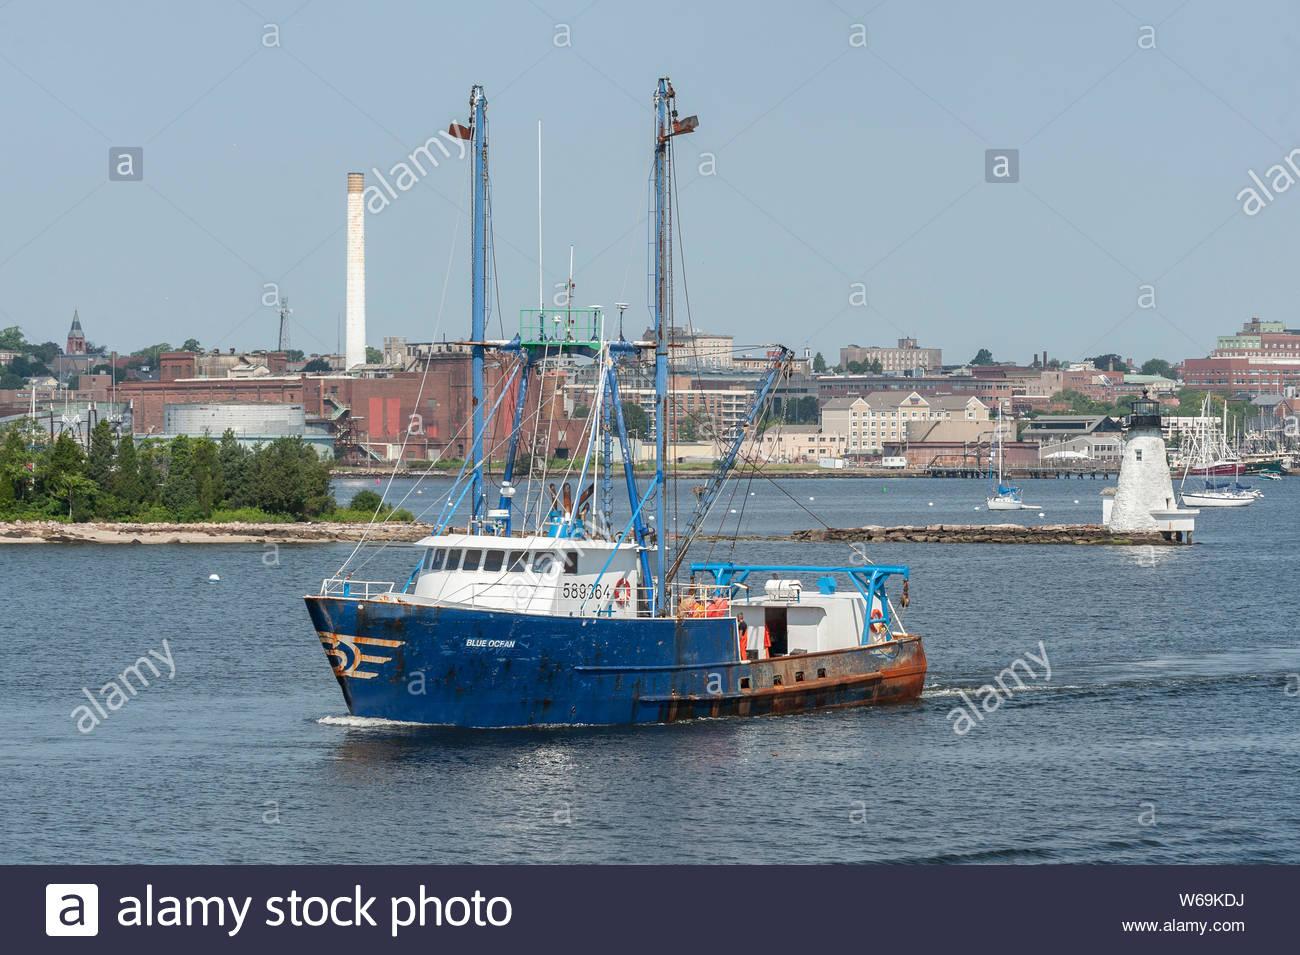 New Bedford, Massachusetts, USA - July 26, 2019: Scalloper  Blue Ocean, hailing port Newport News, VA, in New Bedford inner harbor Stock Photo